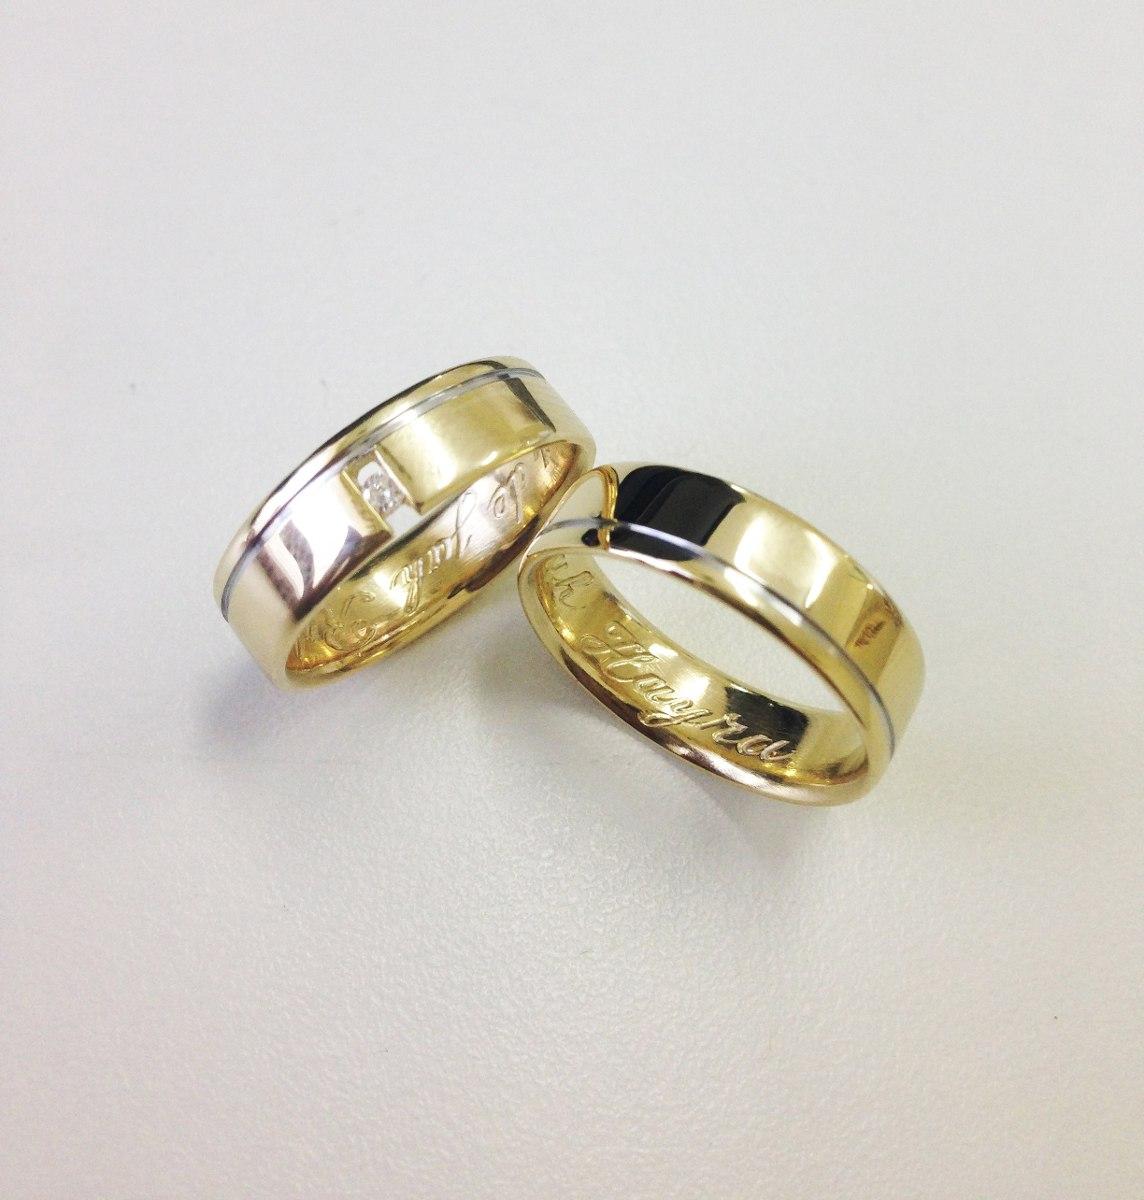 050c4af1162 par de alianças de casamento ouro diamante flutuante. Carregando zoom.